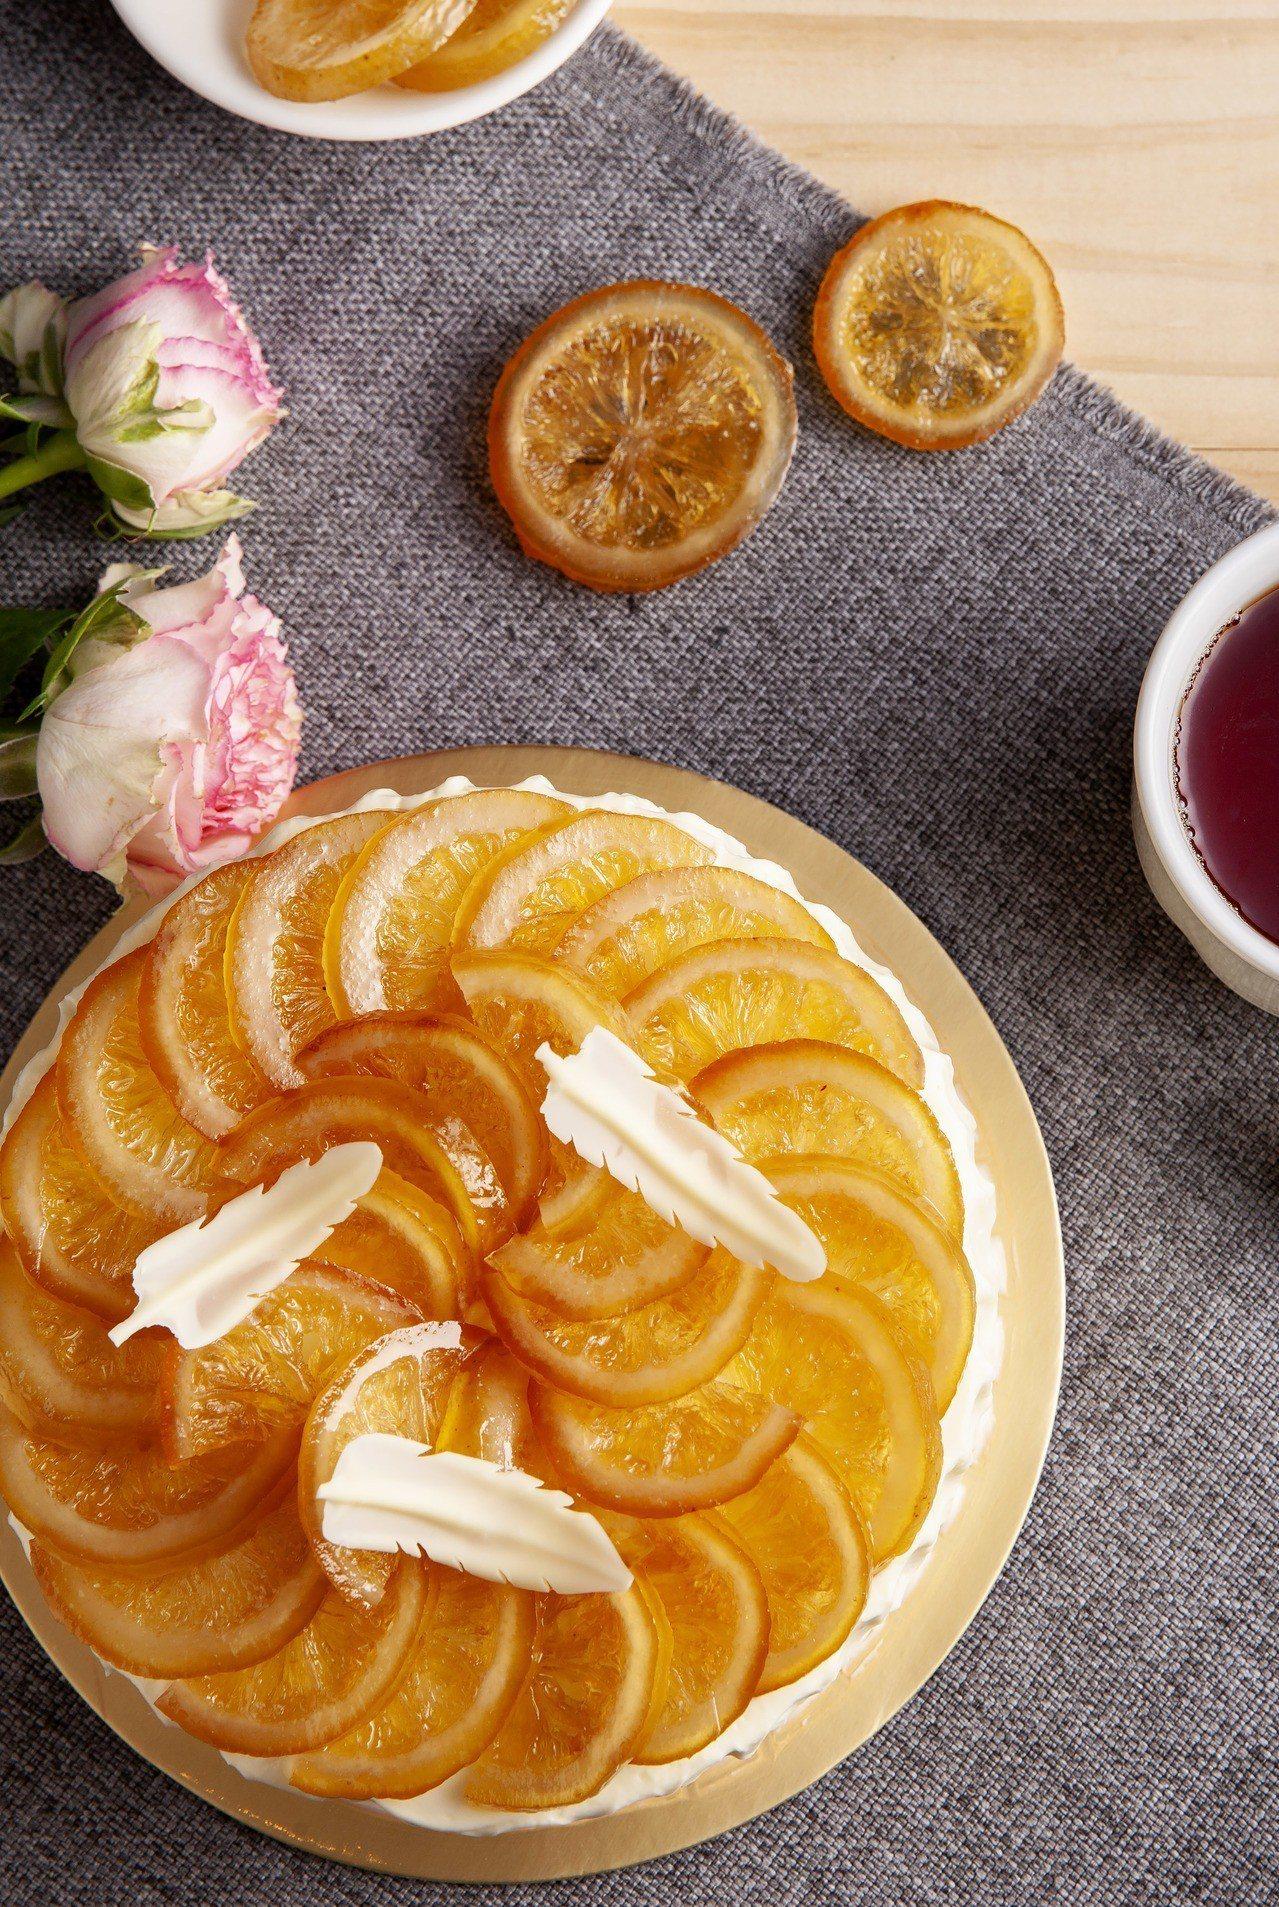 媽媽最愛的酸甜滋味─台北西華飯店母親節蛋糕「酪檸雪吻」。圖/台北西華飯店提供